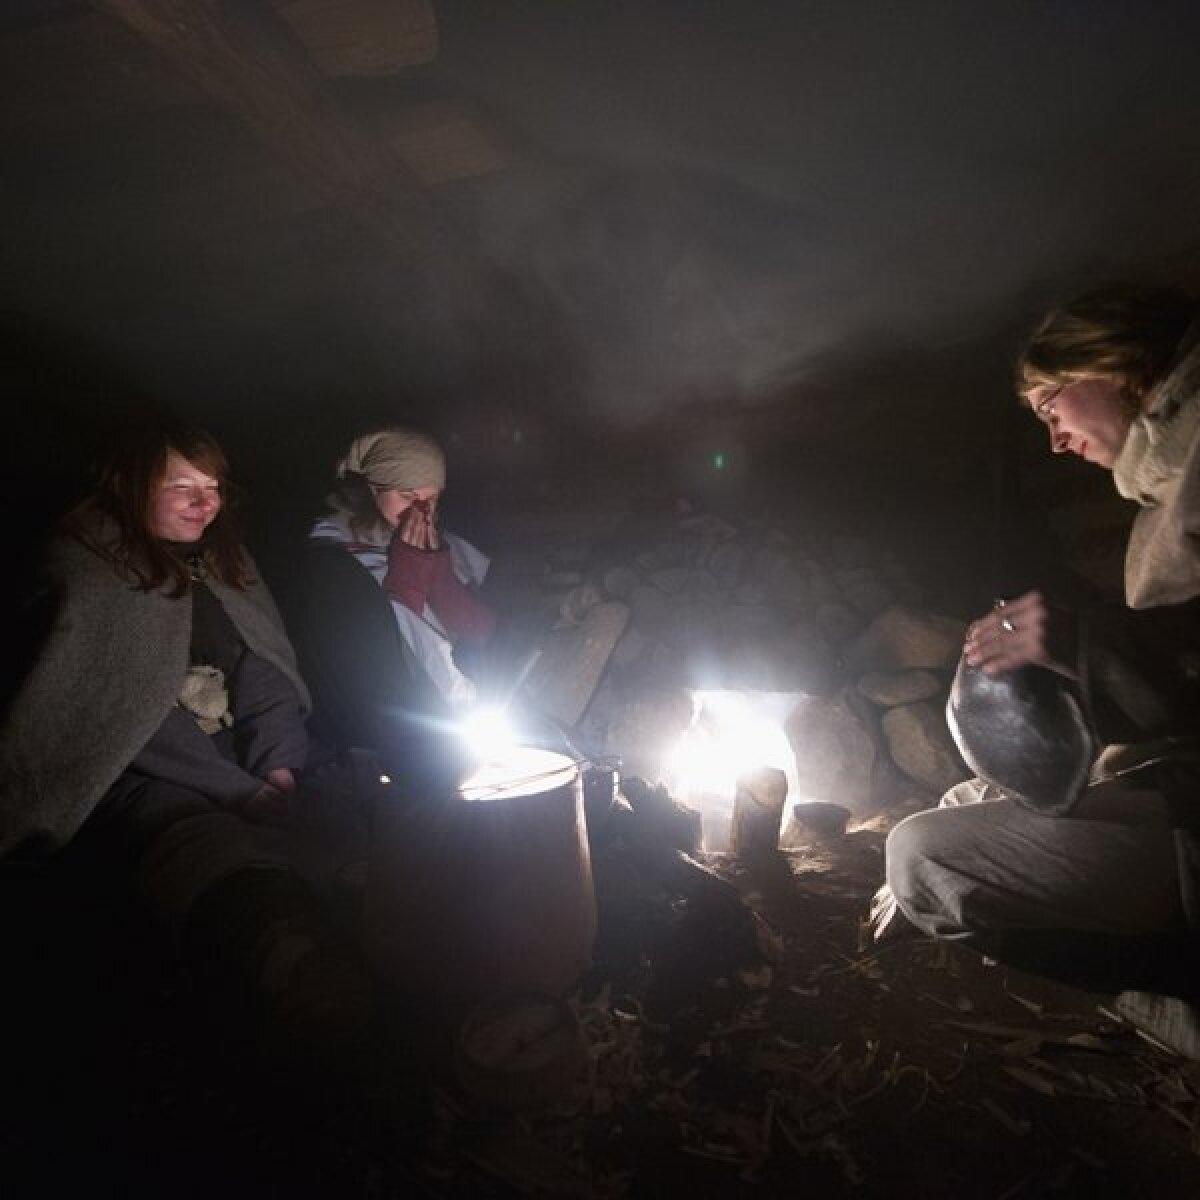 Enamus ajast möödub sooja ahju ümber, suitsu piir algab umbes meetri kõrguselt.Kui madalamal istuda siis suits väga ei häiri.Pildil Maarja Lainevoog, Kristin Otti ja Anti Lillak